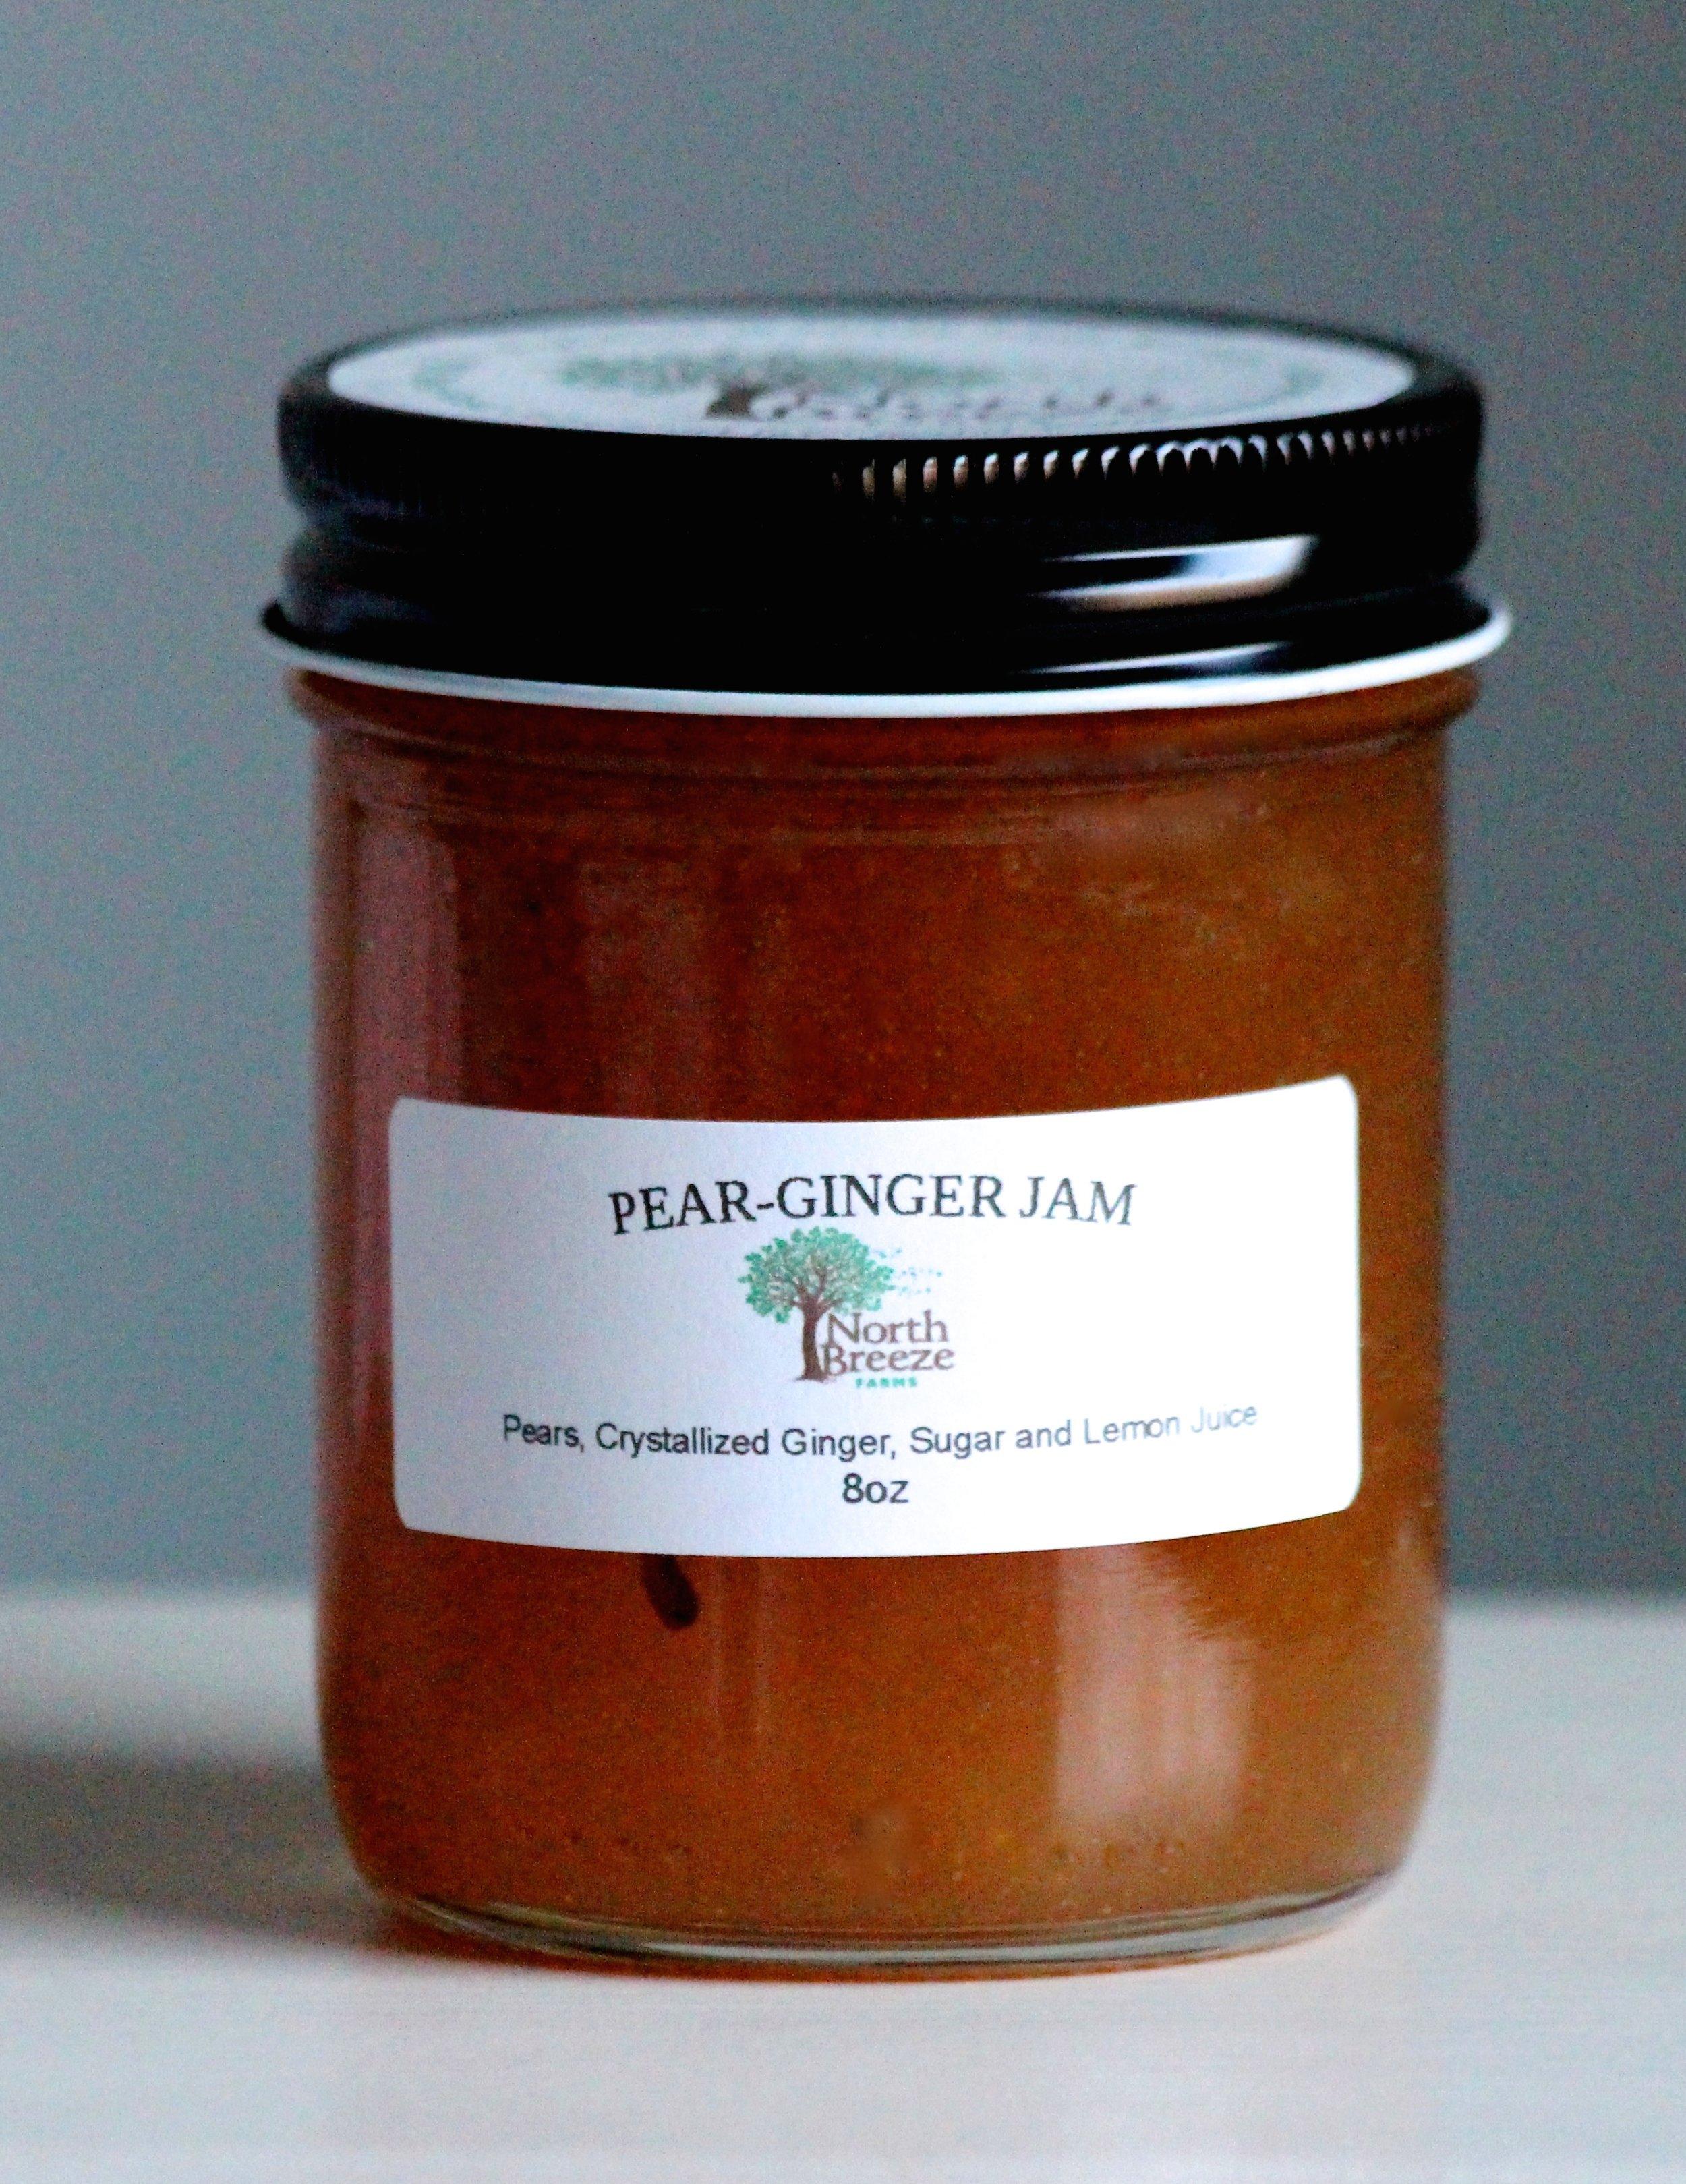 Pear-Ginger Jam $12